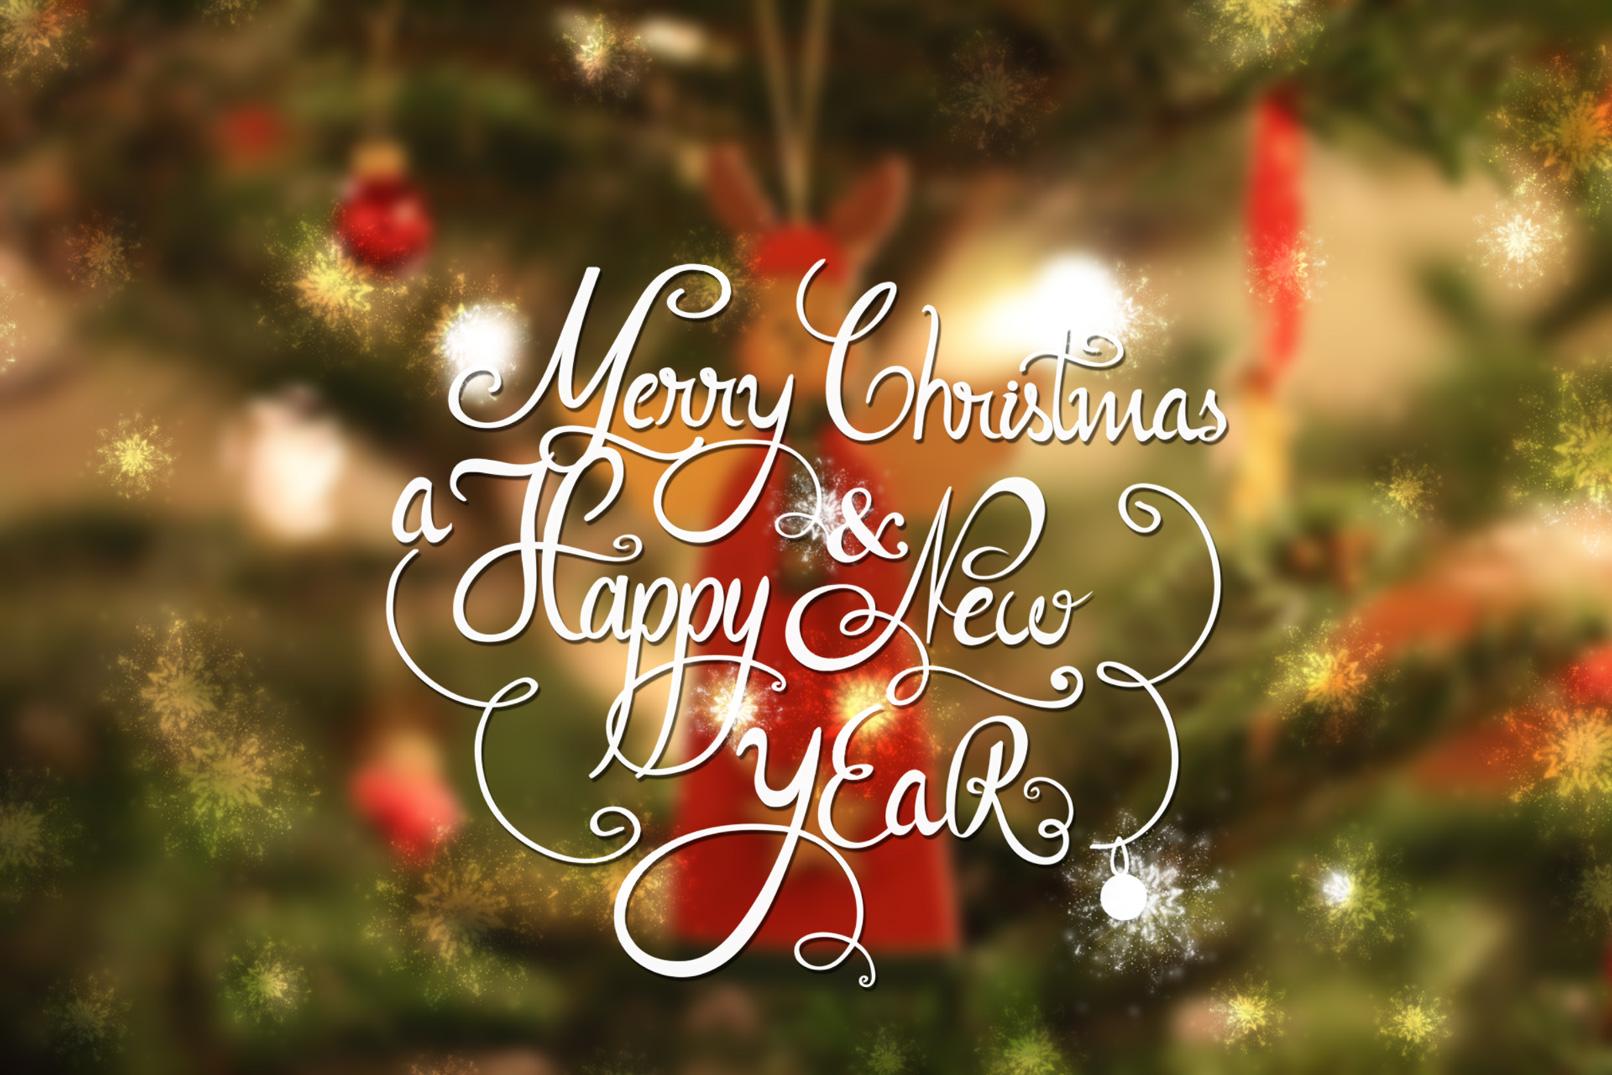 Beispiel zur Anwendung der Pinselspitzen mit Glückwünschen zu Weihnacht und Neujahr